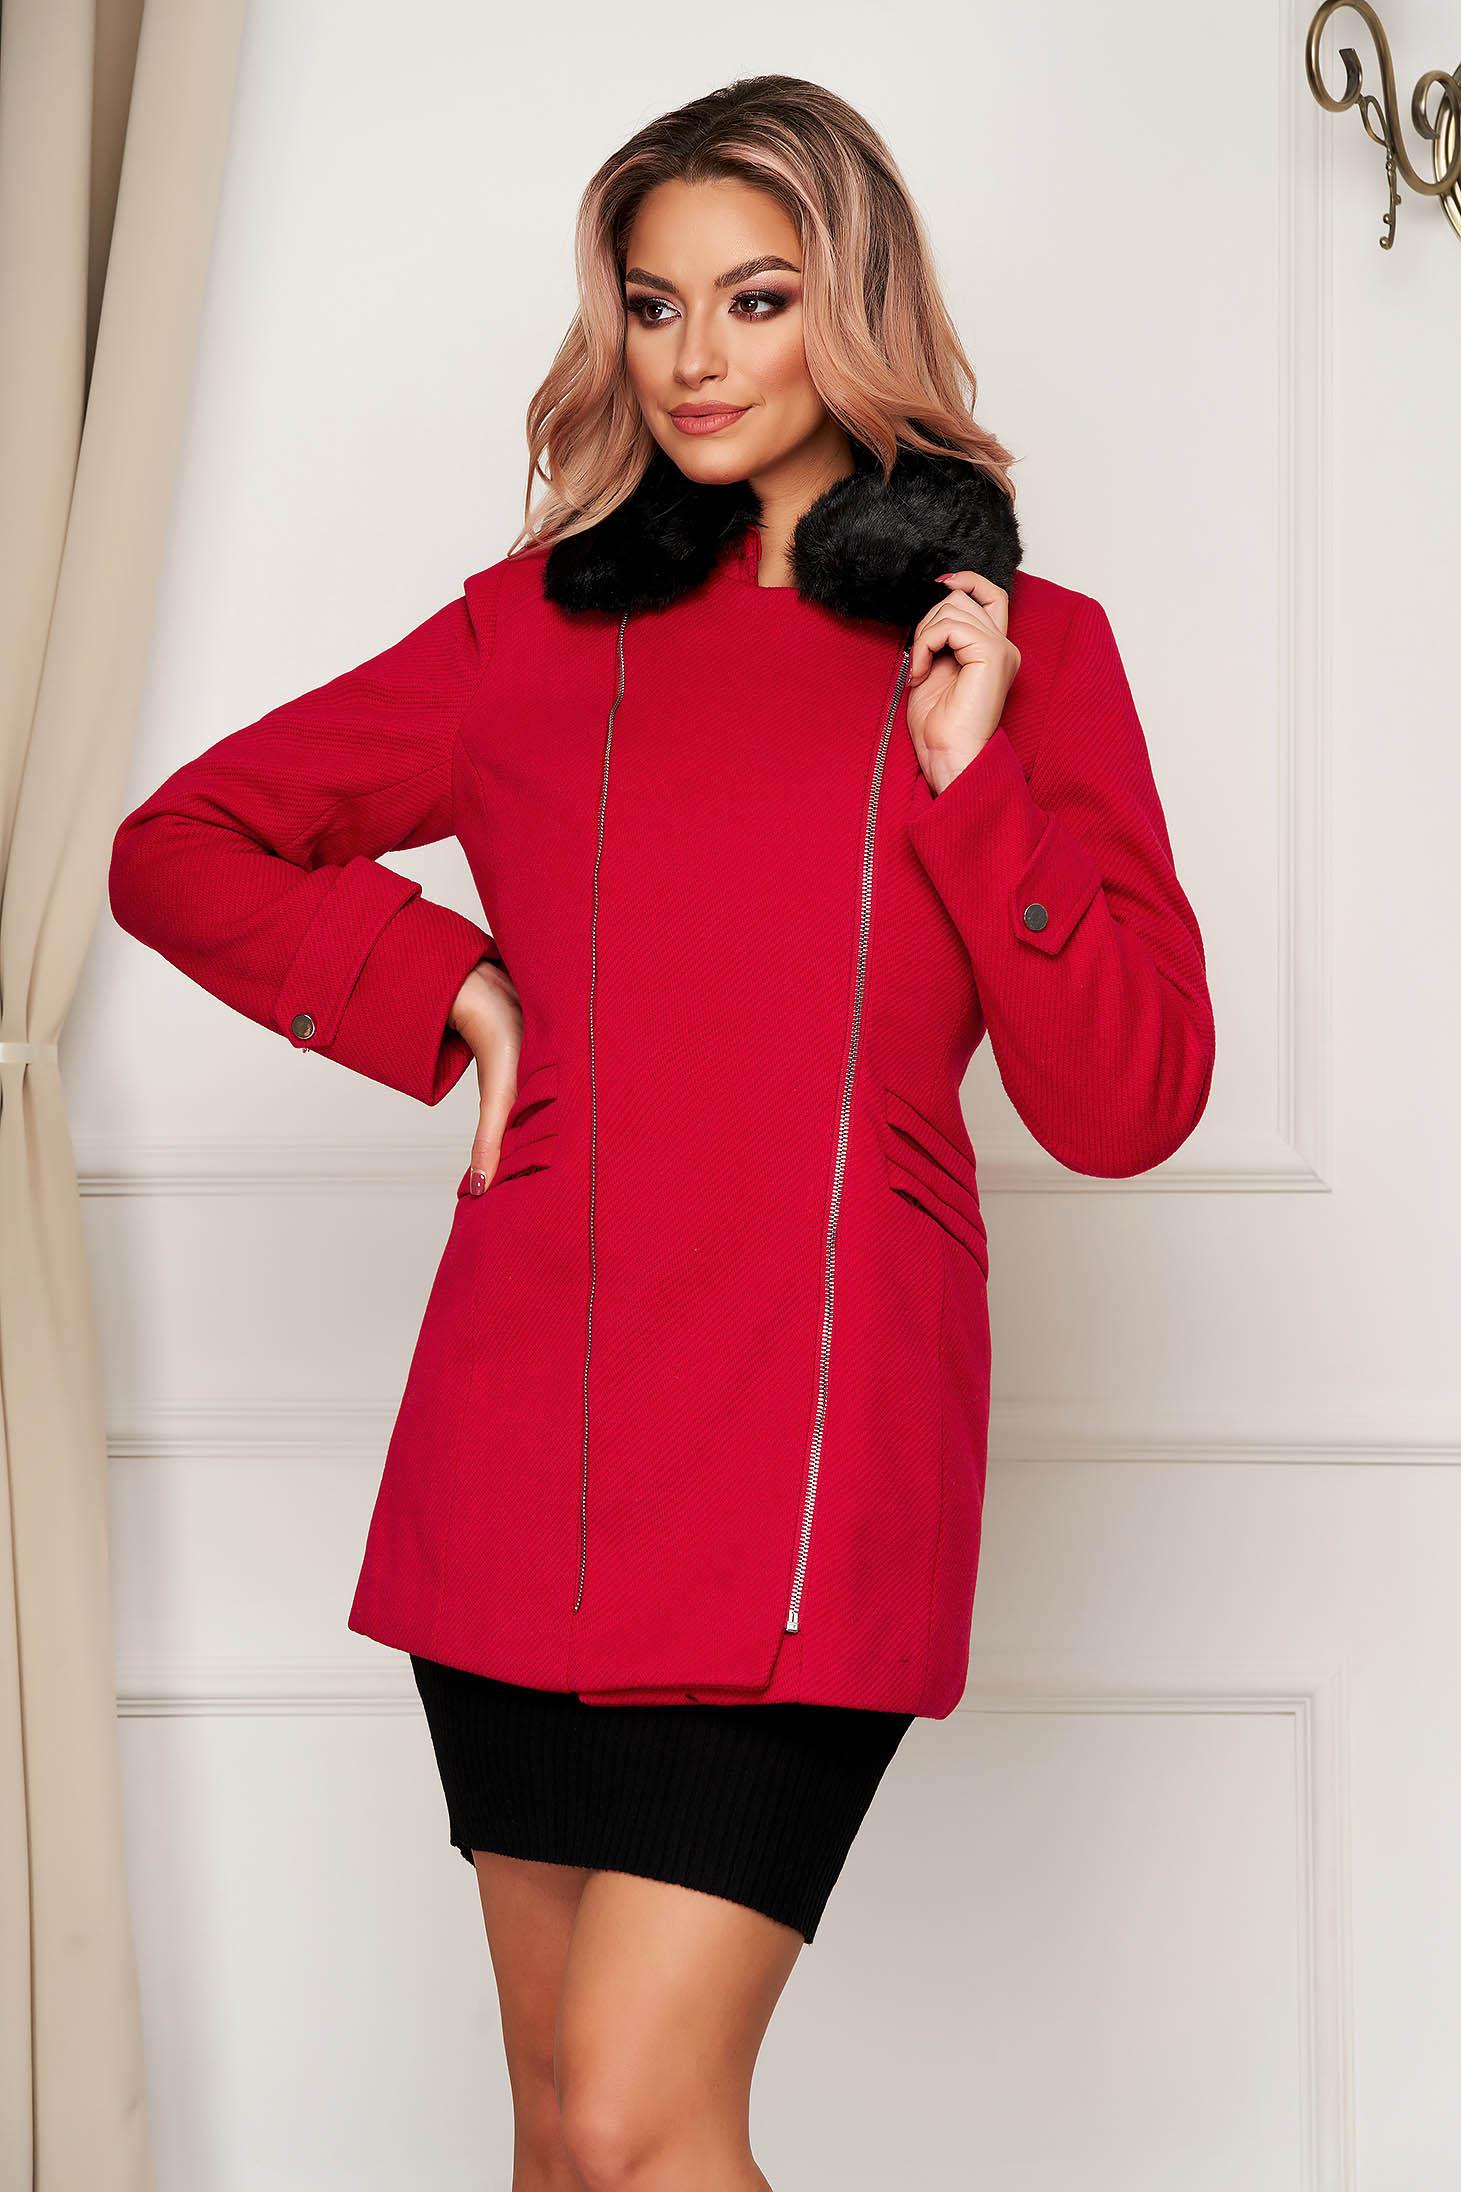 Piros elegáns egyenes szabású rövid kabát szövetből, műszőrme díszítéssel